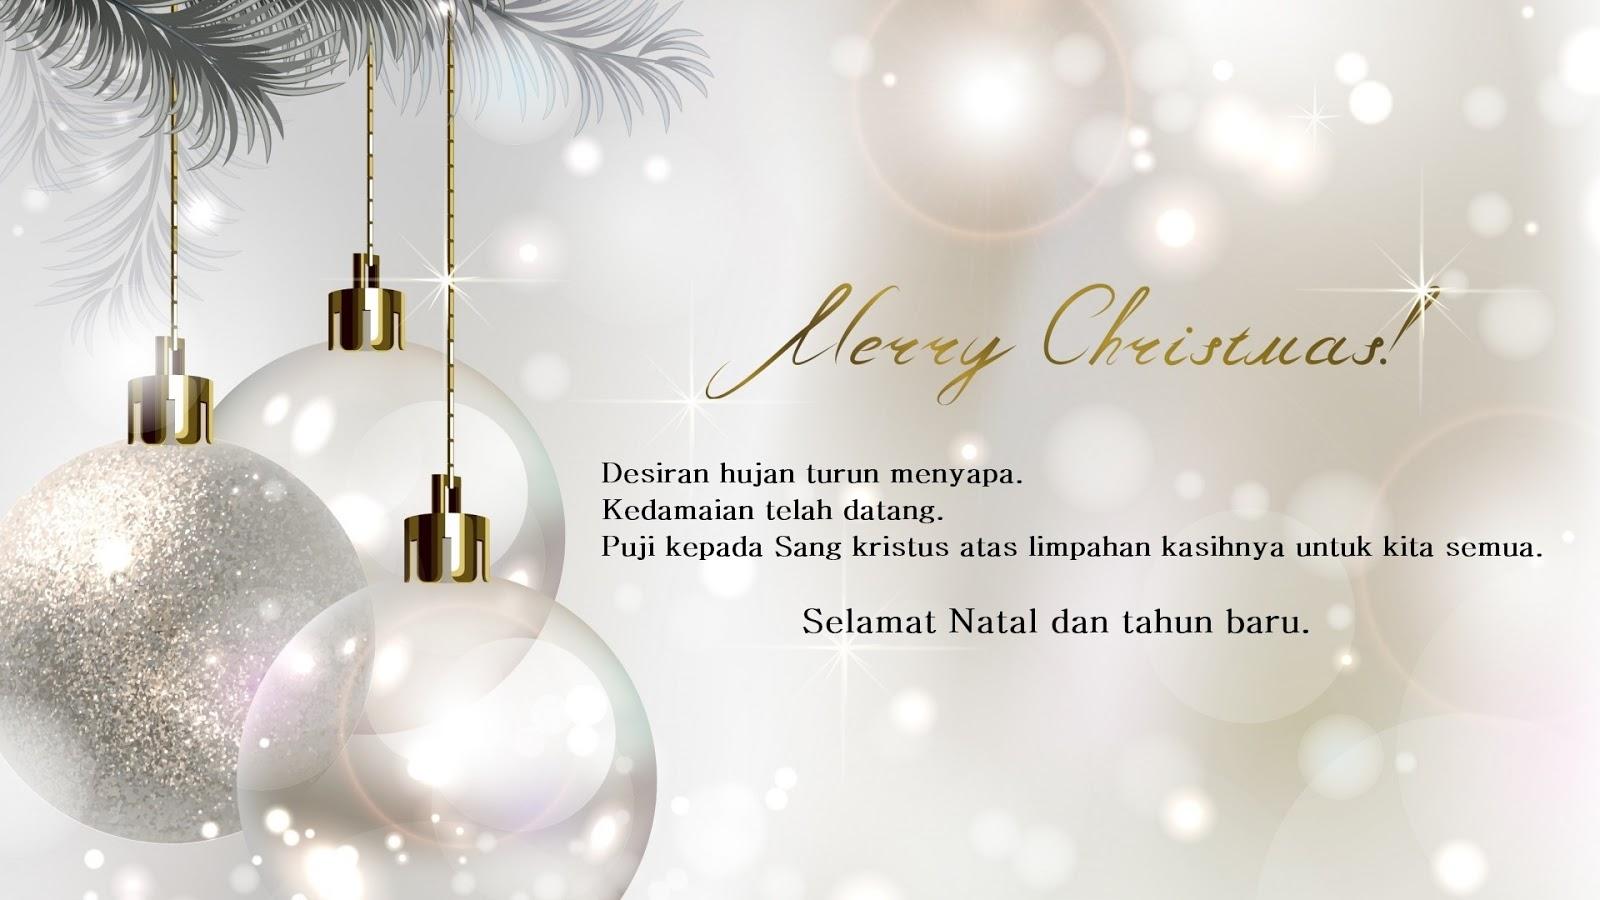 Gambar Kata Selamat Hari Natal Dan Tahun Baru 2020 - Info ...